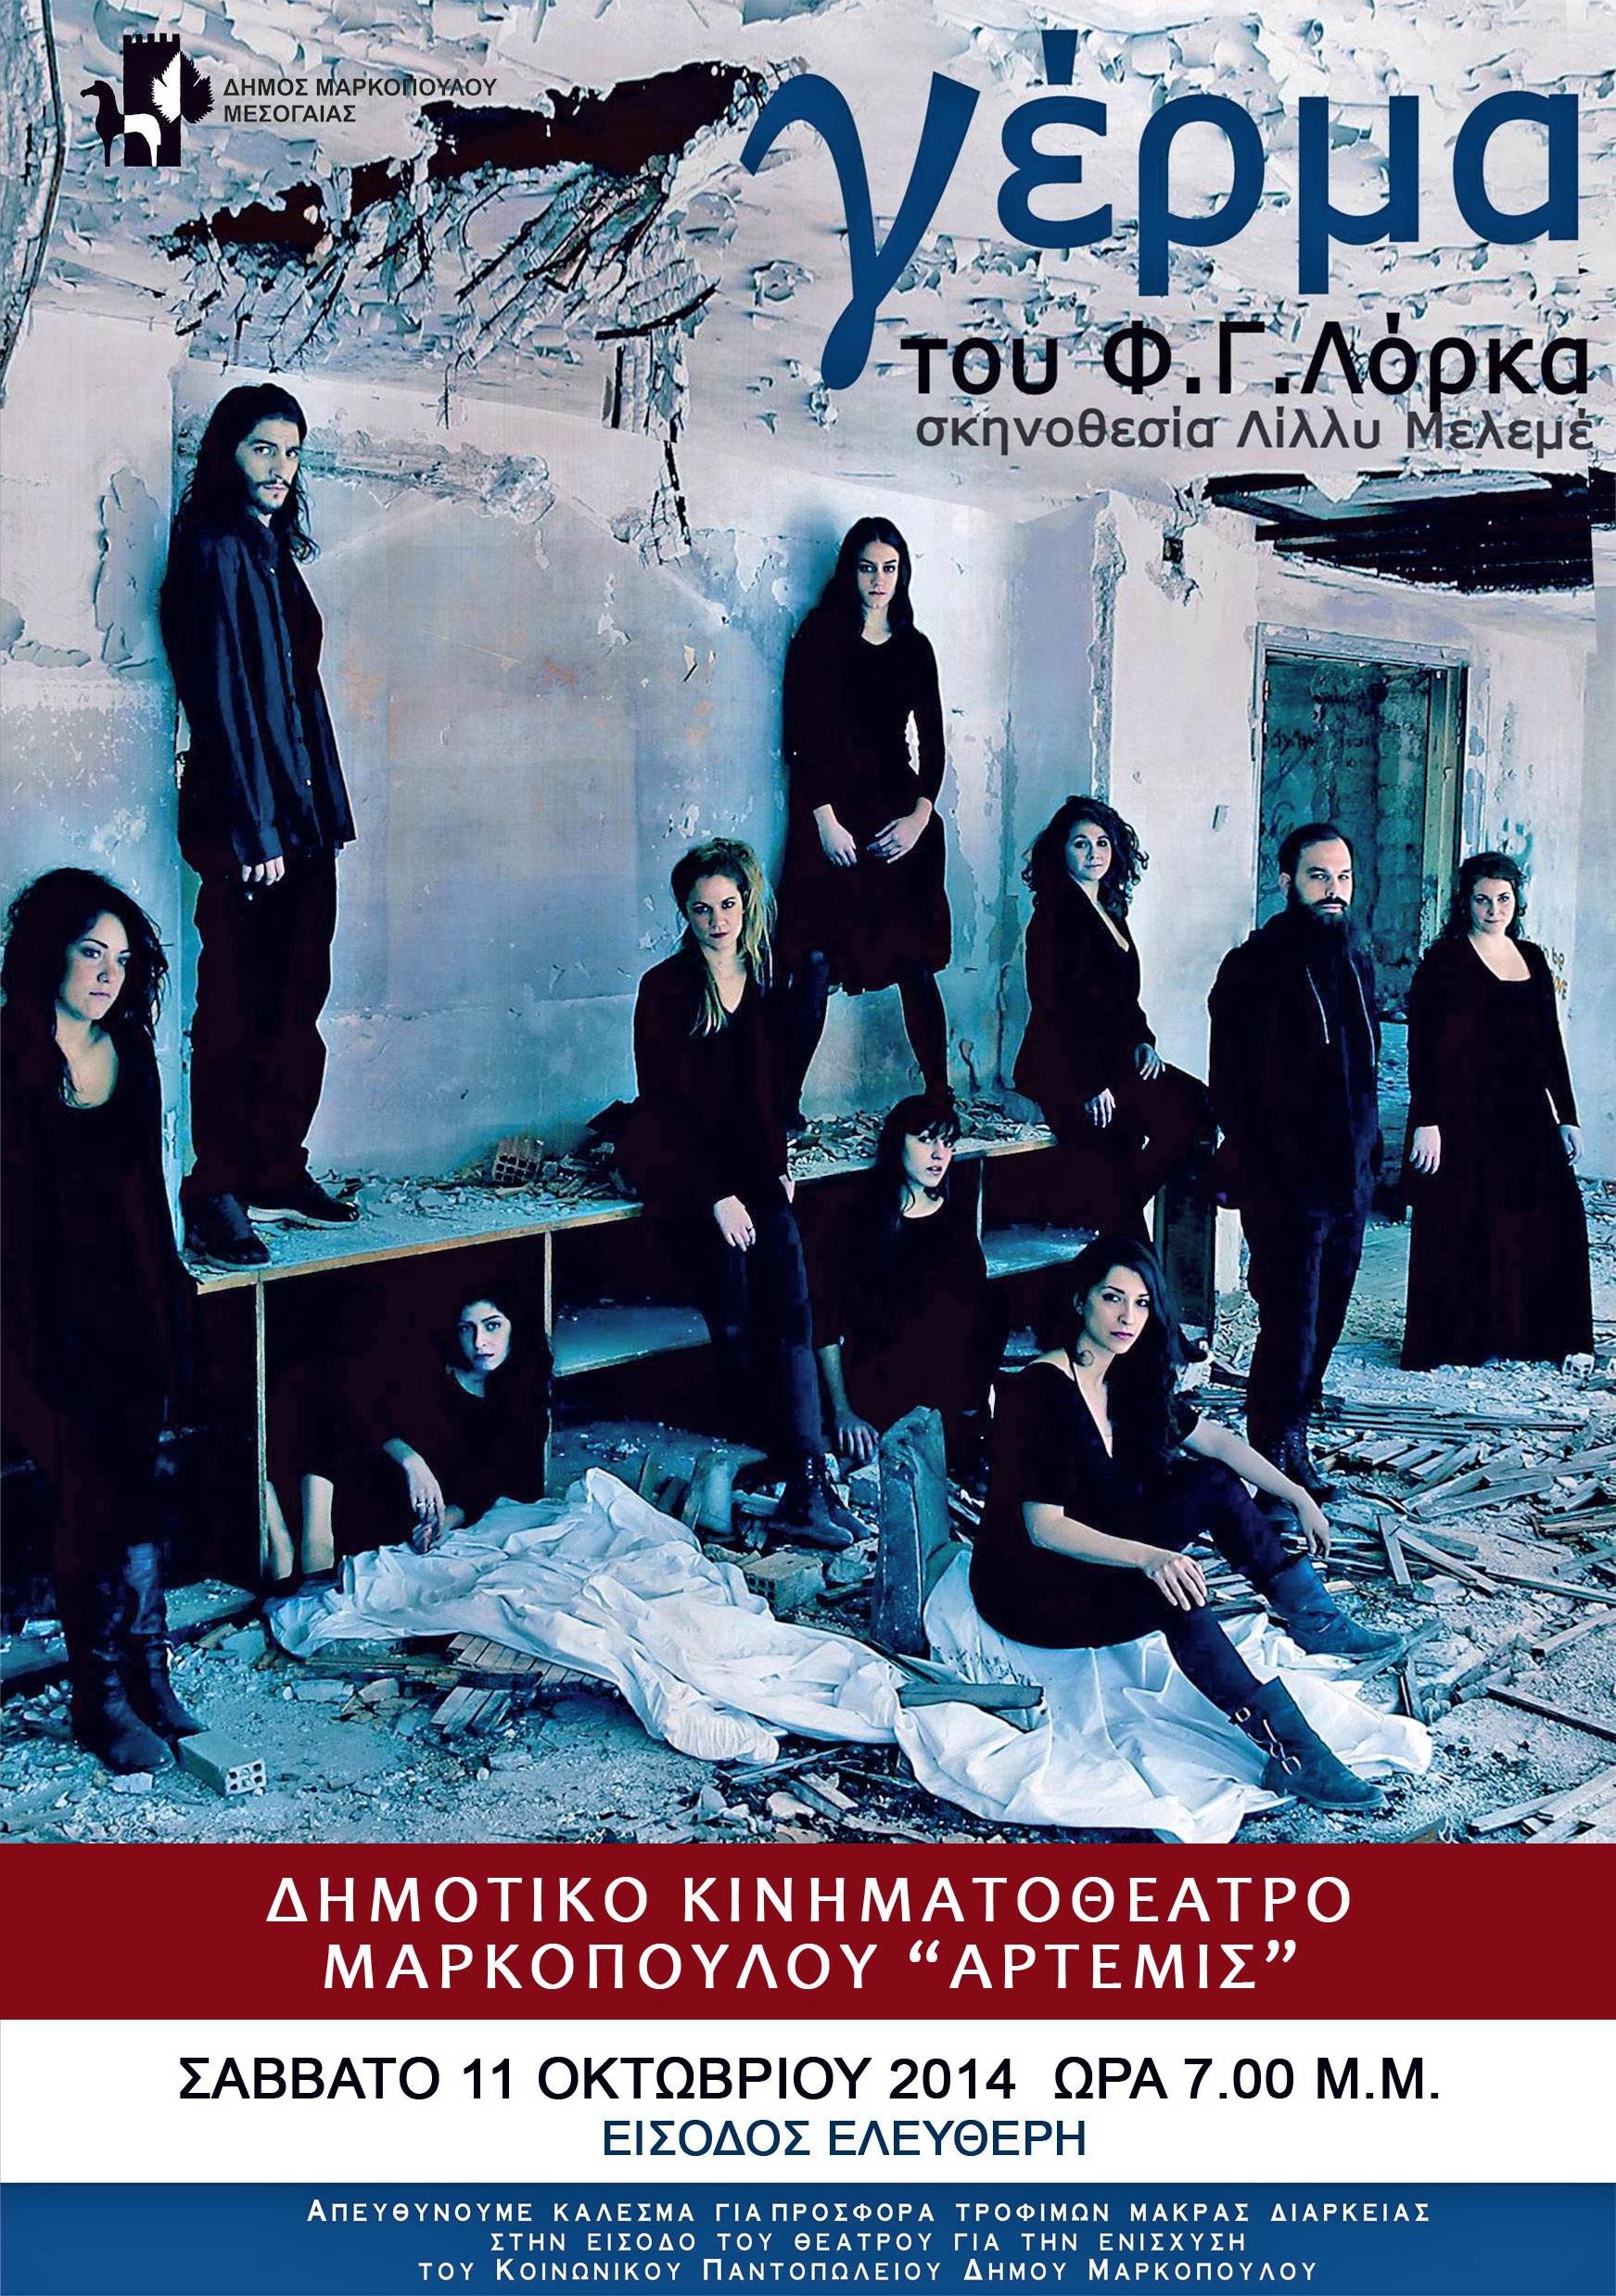 Η θεατρική παράσταση του Φεντερίκο Γκαρθία Λόρκα «ΓΕΡΜΑ», στο Δημοτικό Κινηματοθέατρο Μαρκοπούλου «Άρτεμις»!-1